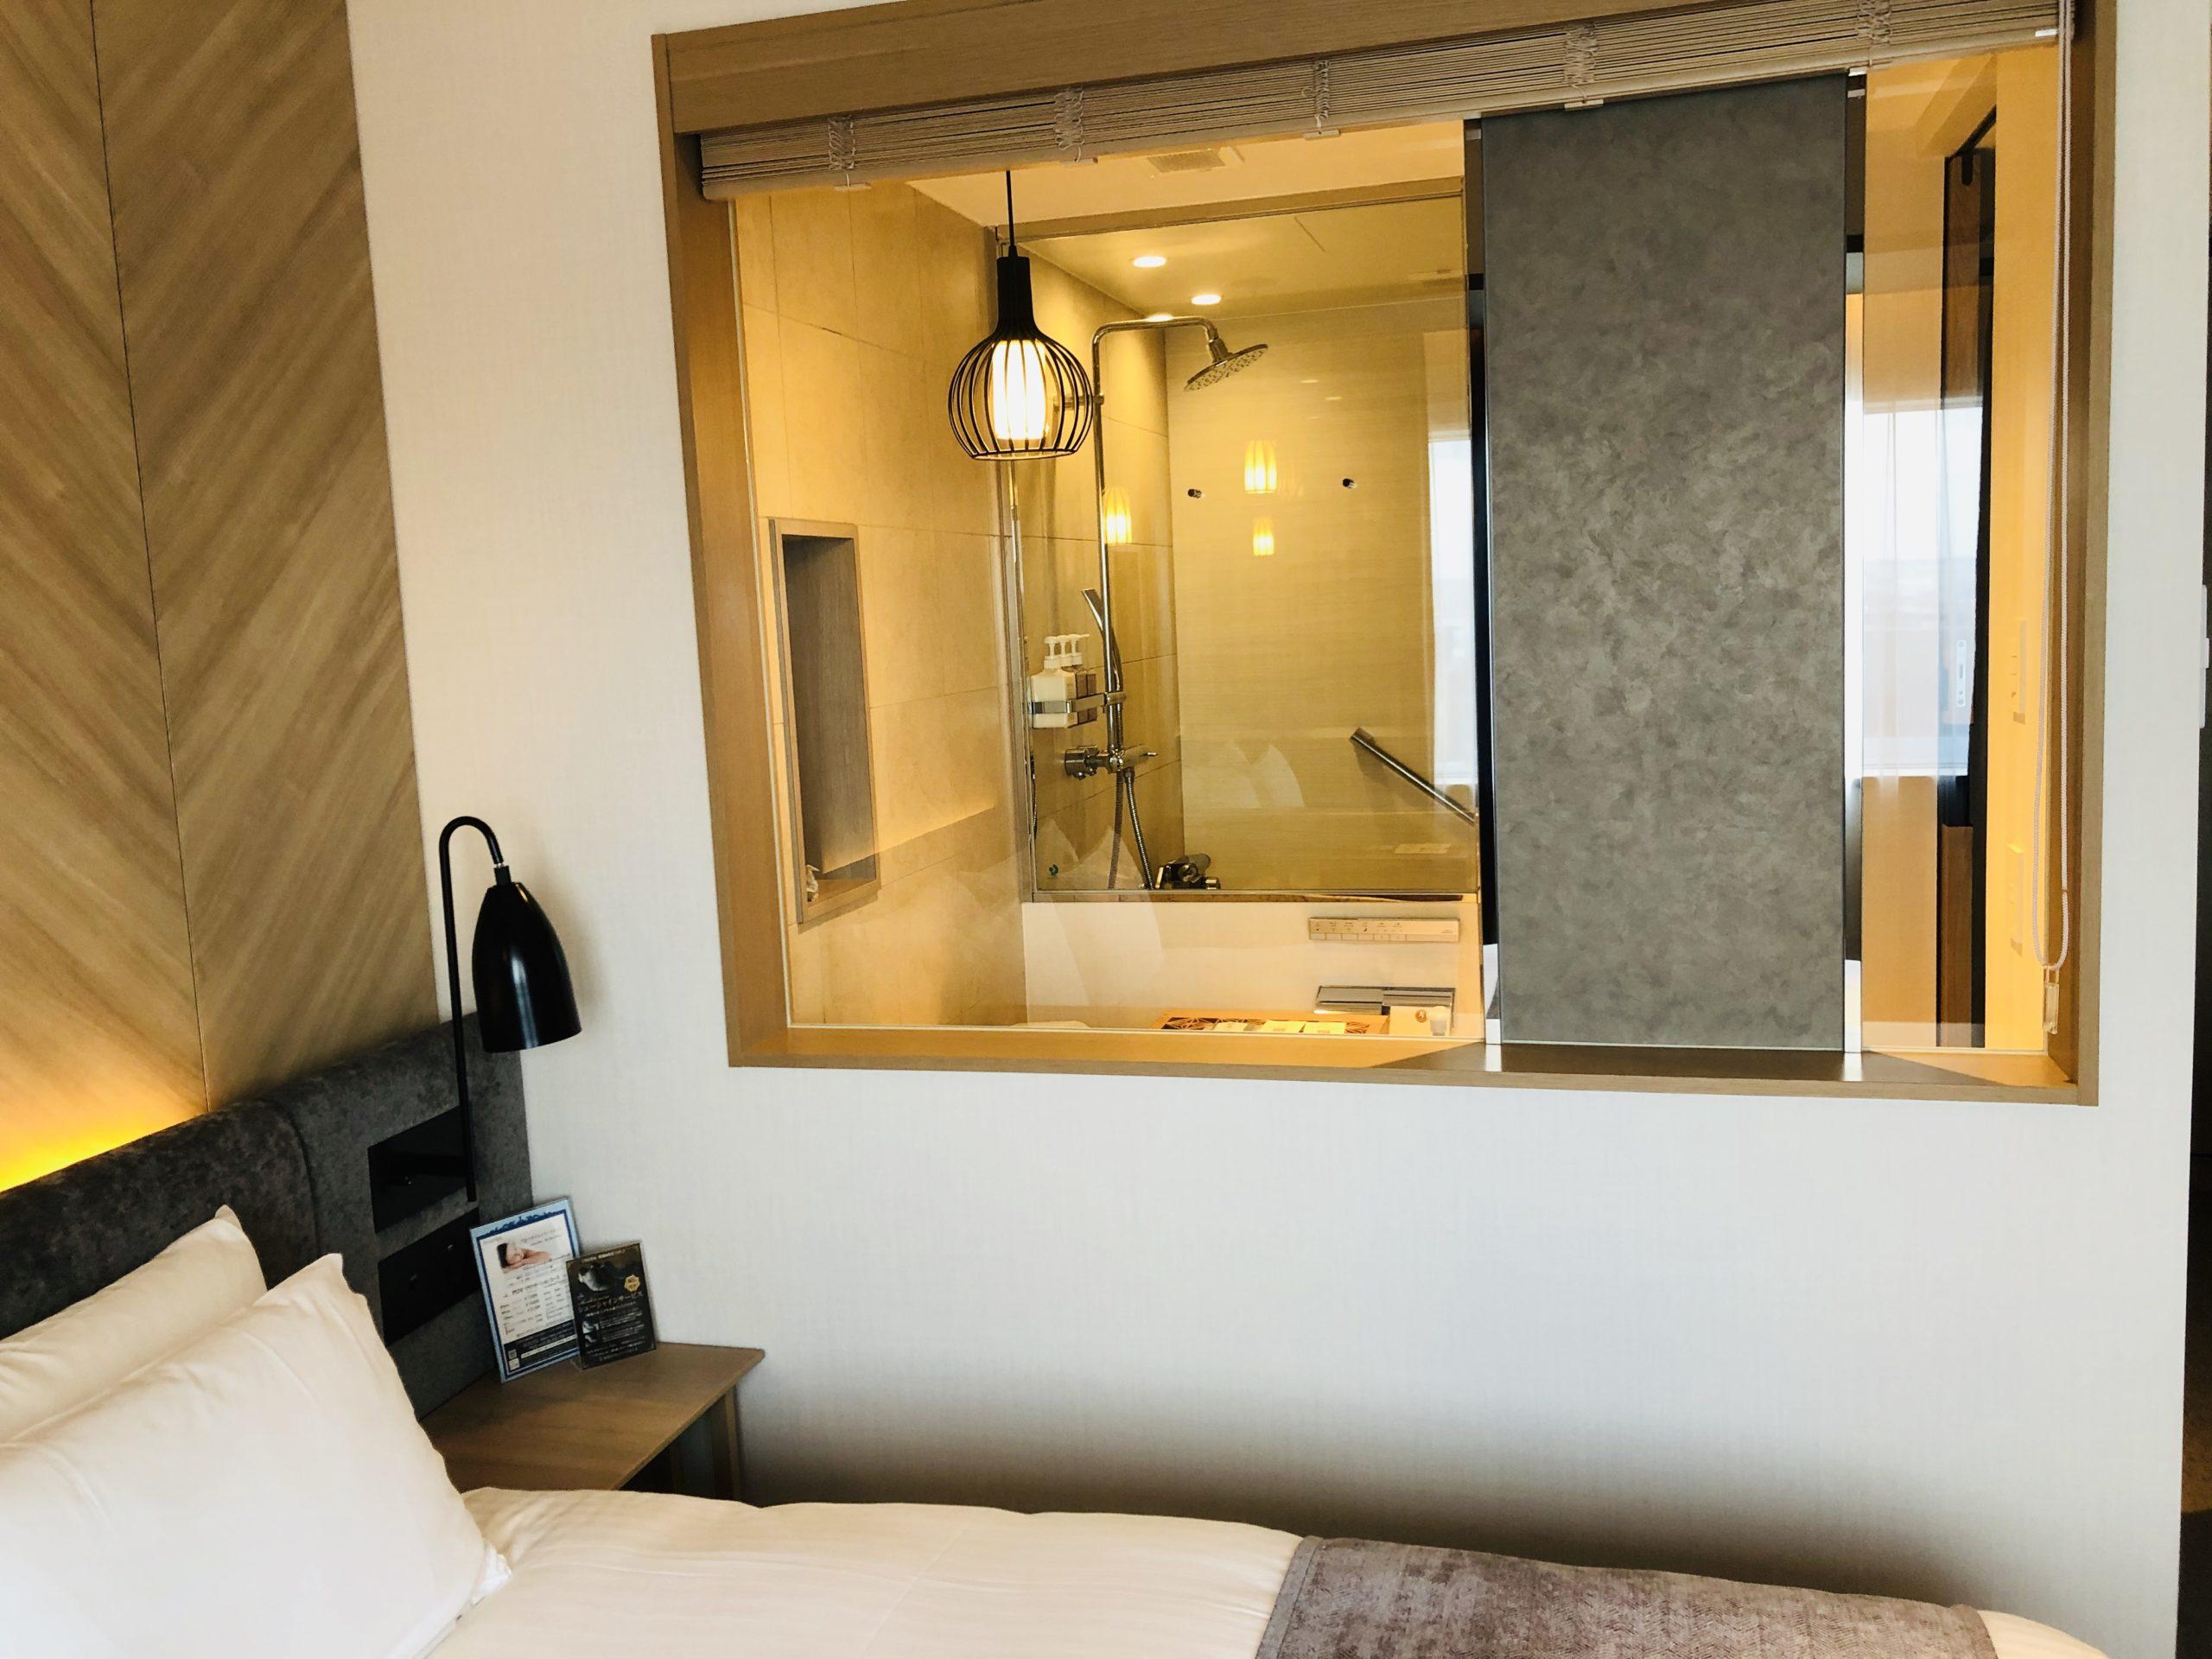 ソラリア西鉄福岡ホテル 部屋